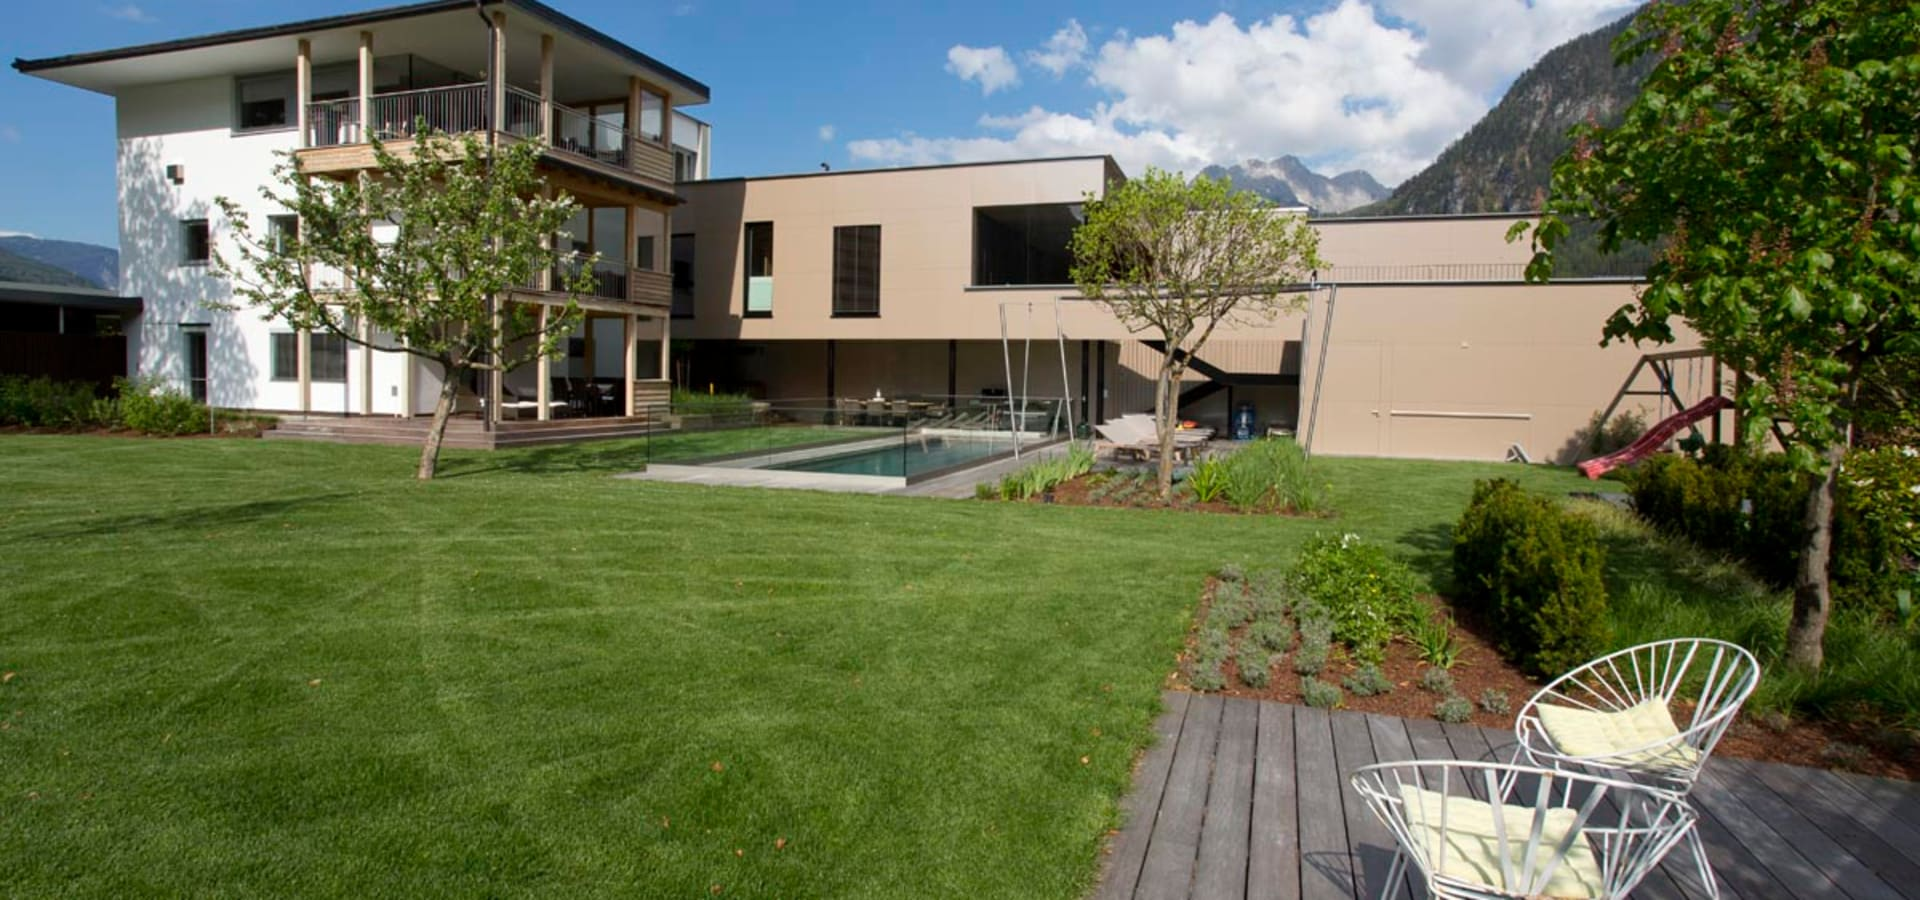 hofgarten mit naturpool by freiraum* gartenarchitektur gmbh | homify - Gartenarchitektur